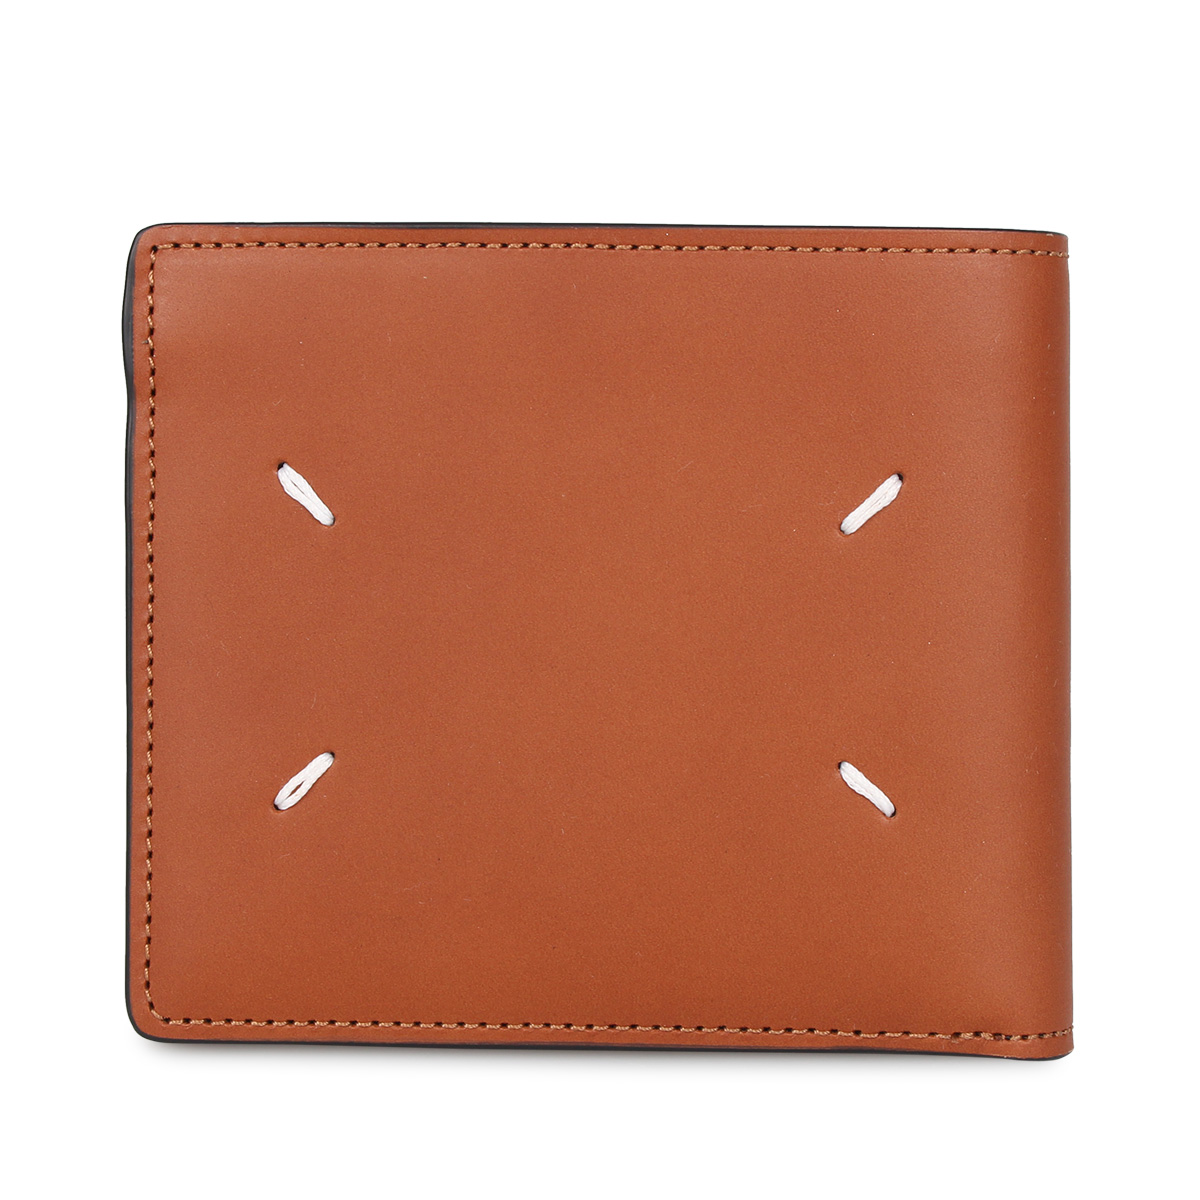 MAISON MARGIELA WALLET メゾンマルジェラ 財布 二つ折り メンズ レディース ブラウン S55UI0205-T2262 [3/4 新入荷]